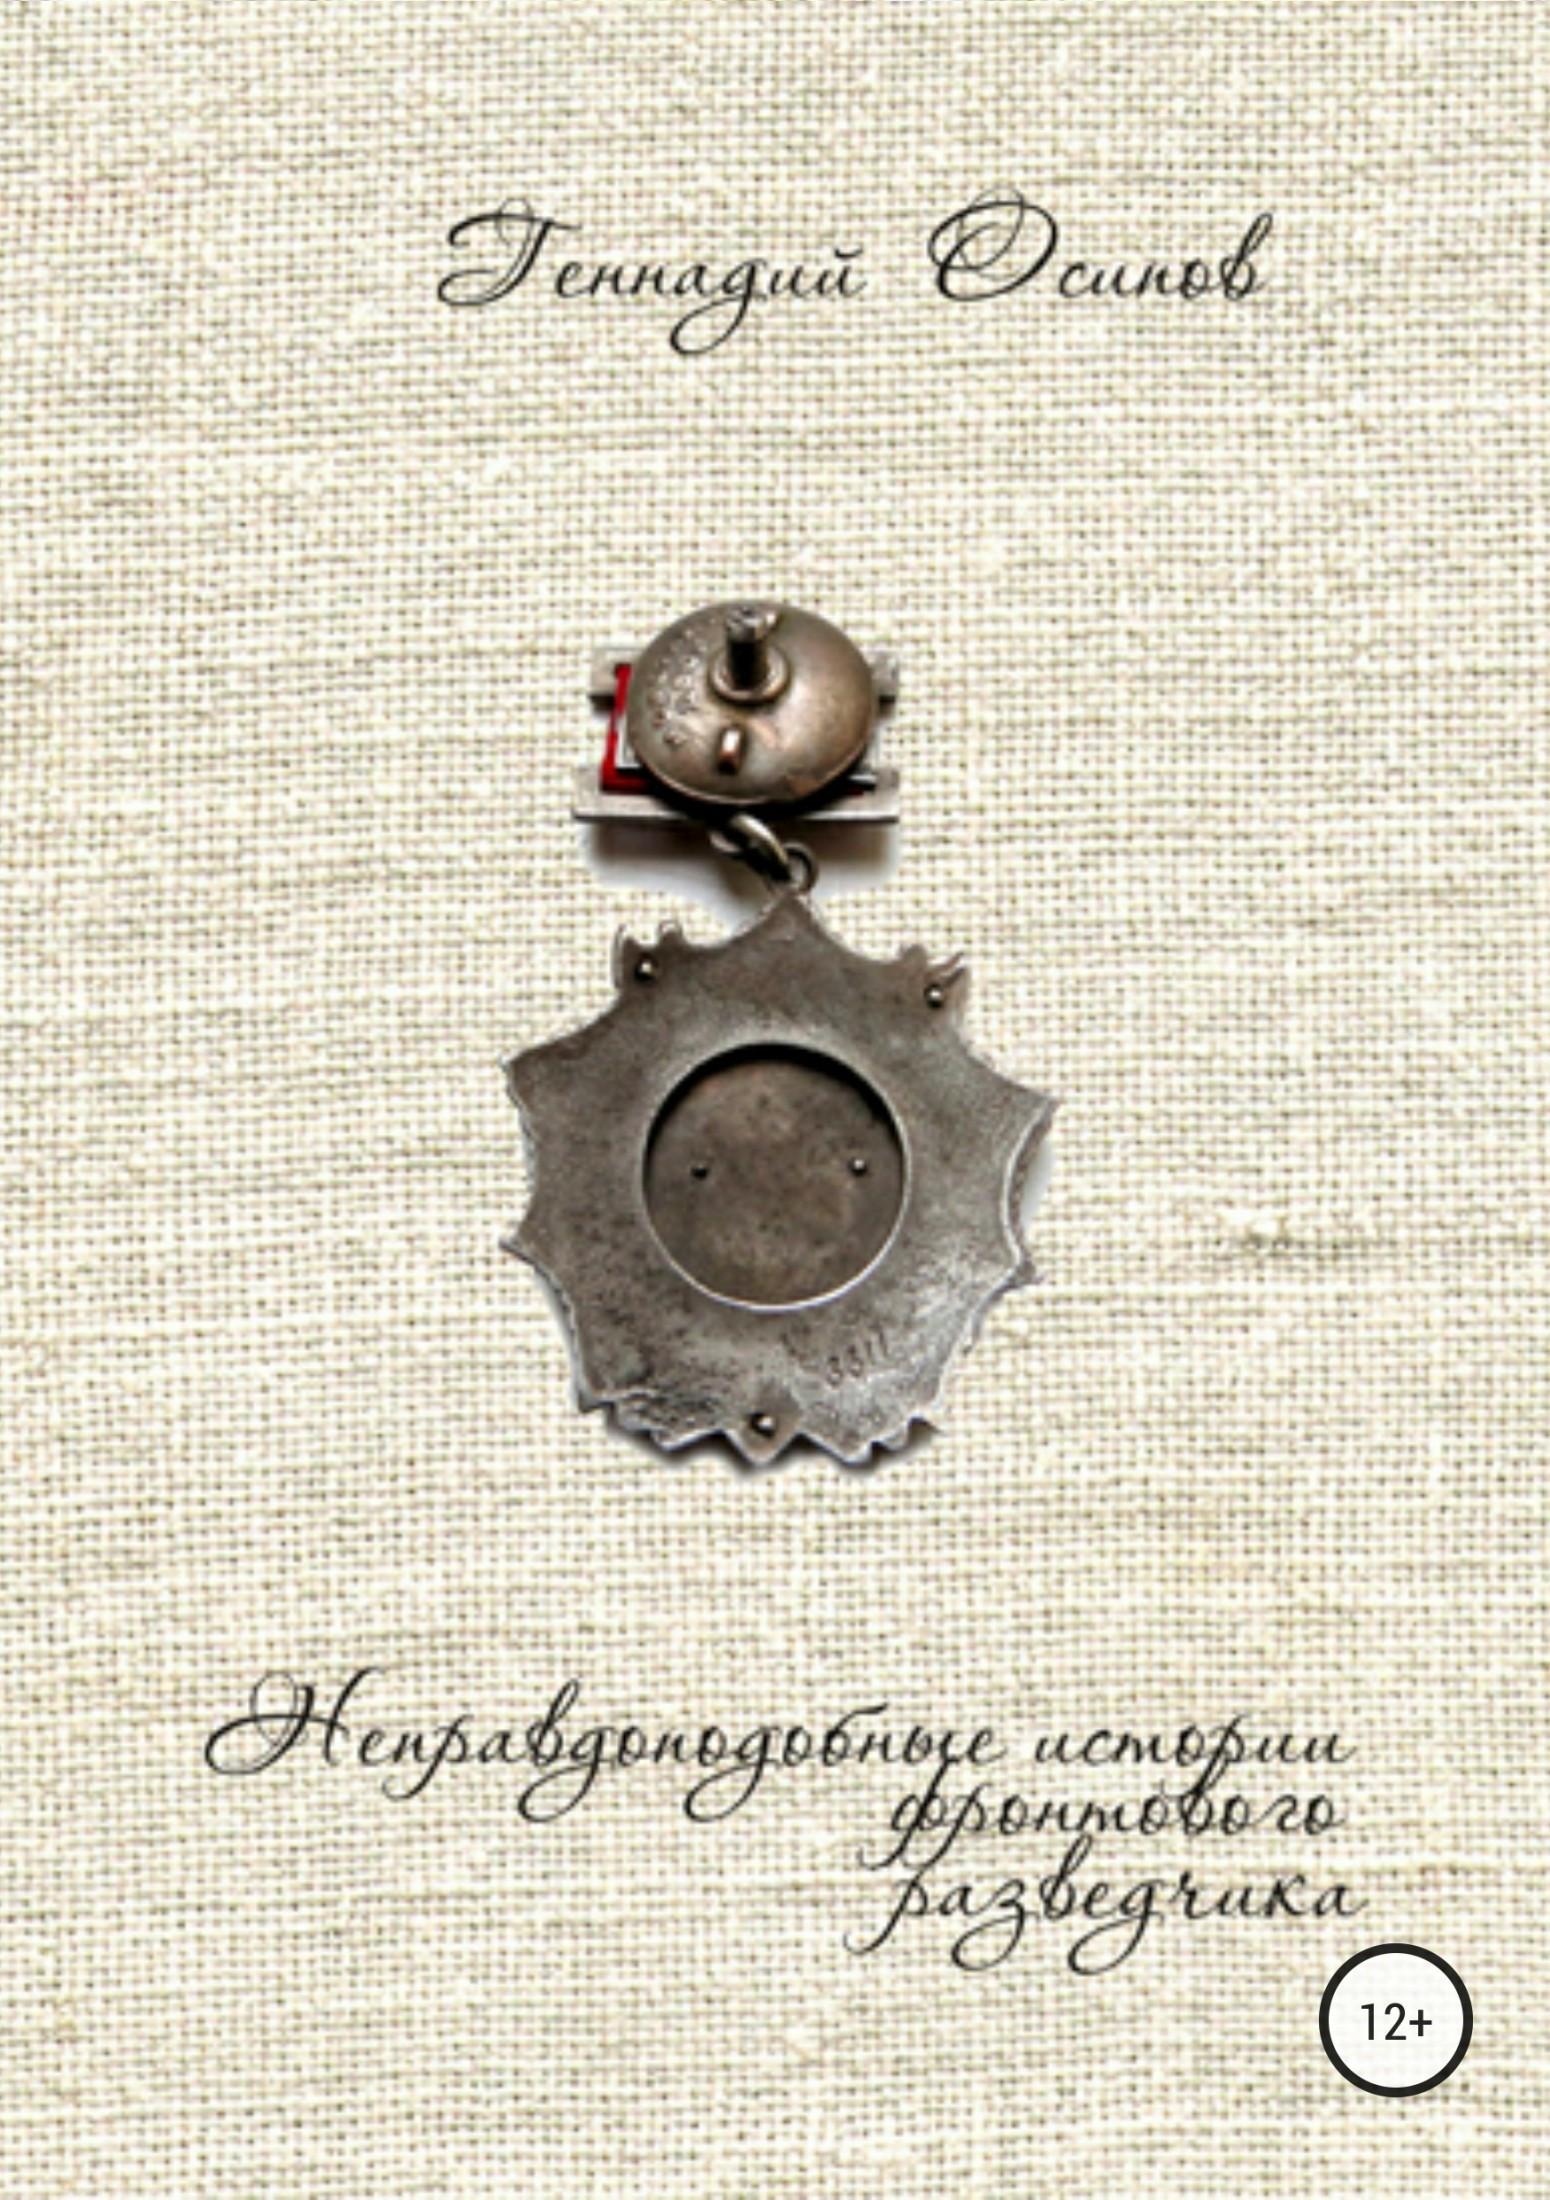 Геннадий Васильевич Осипов Неправдоподобные истории фронтового разведчика цена